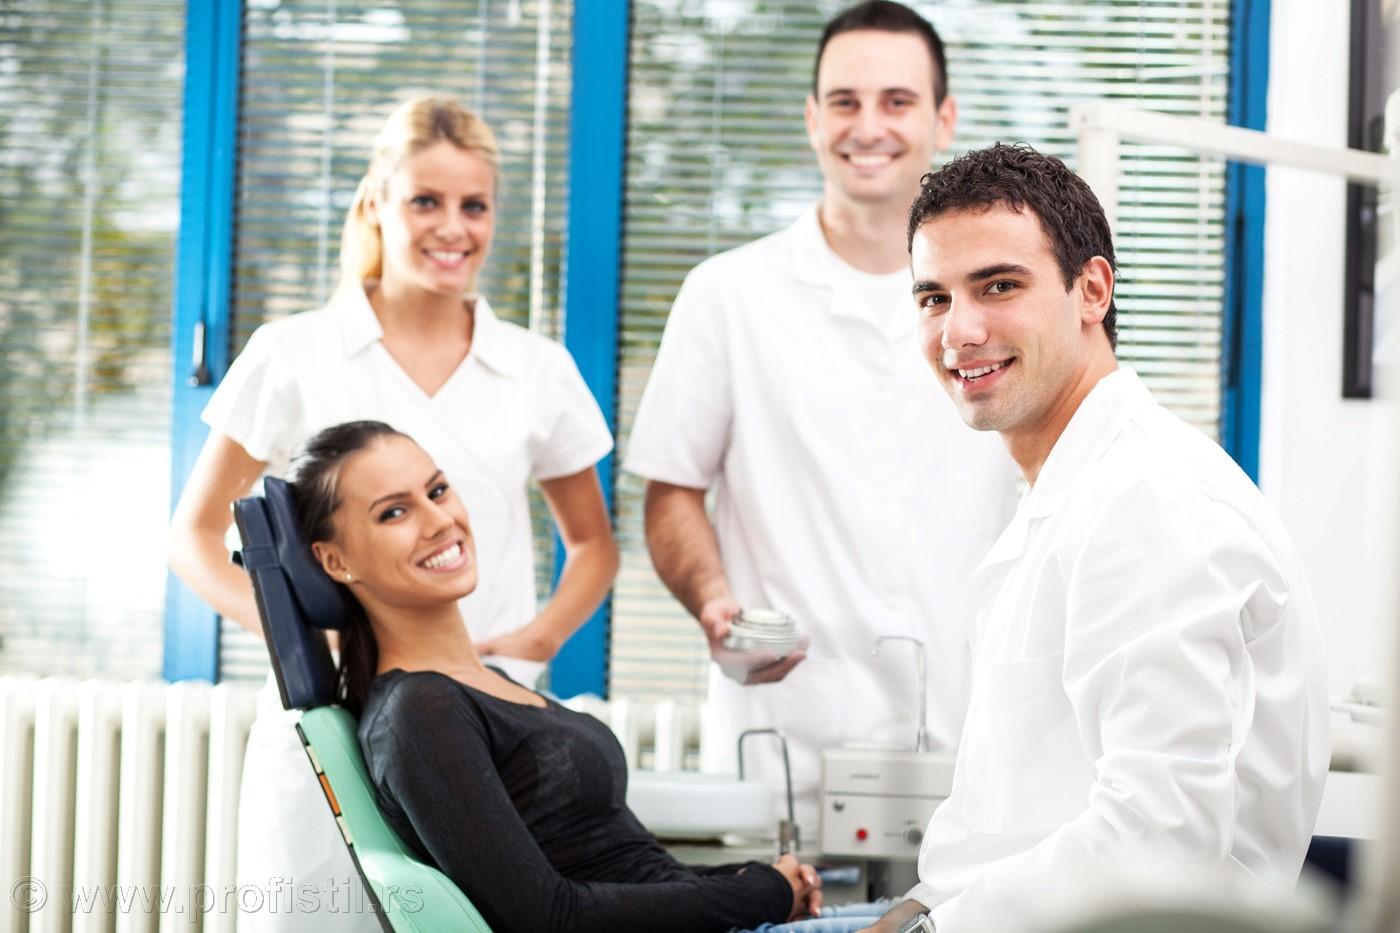 Radne uniforme za medicinske i veterinarske ustanove